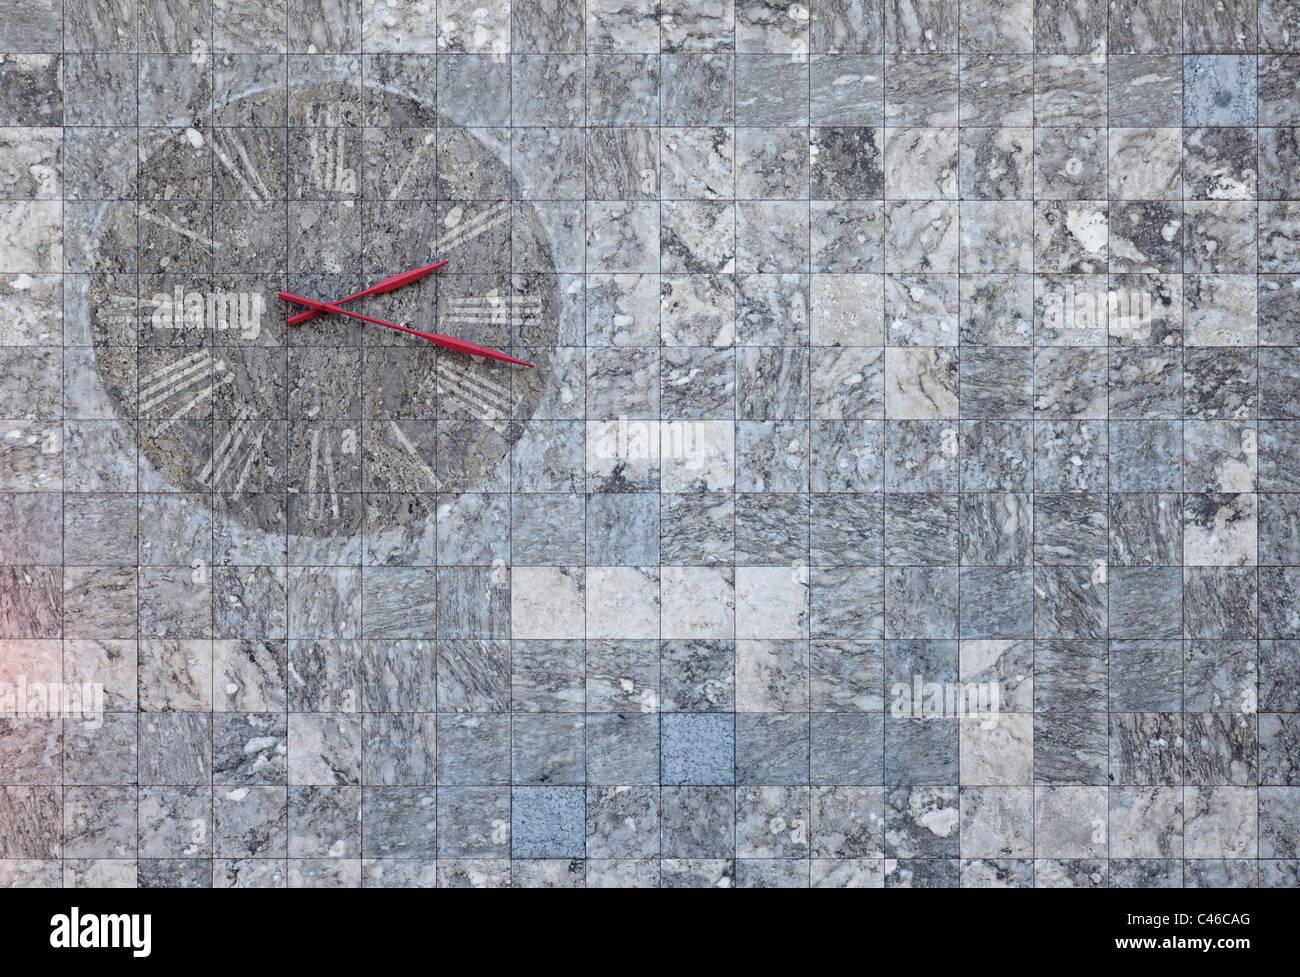 Un mur en marbre réveil trouvés à Mainz, Allemagne. Convient aux images qui concernent le bacjkgrounds Photo Stock